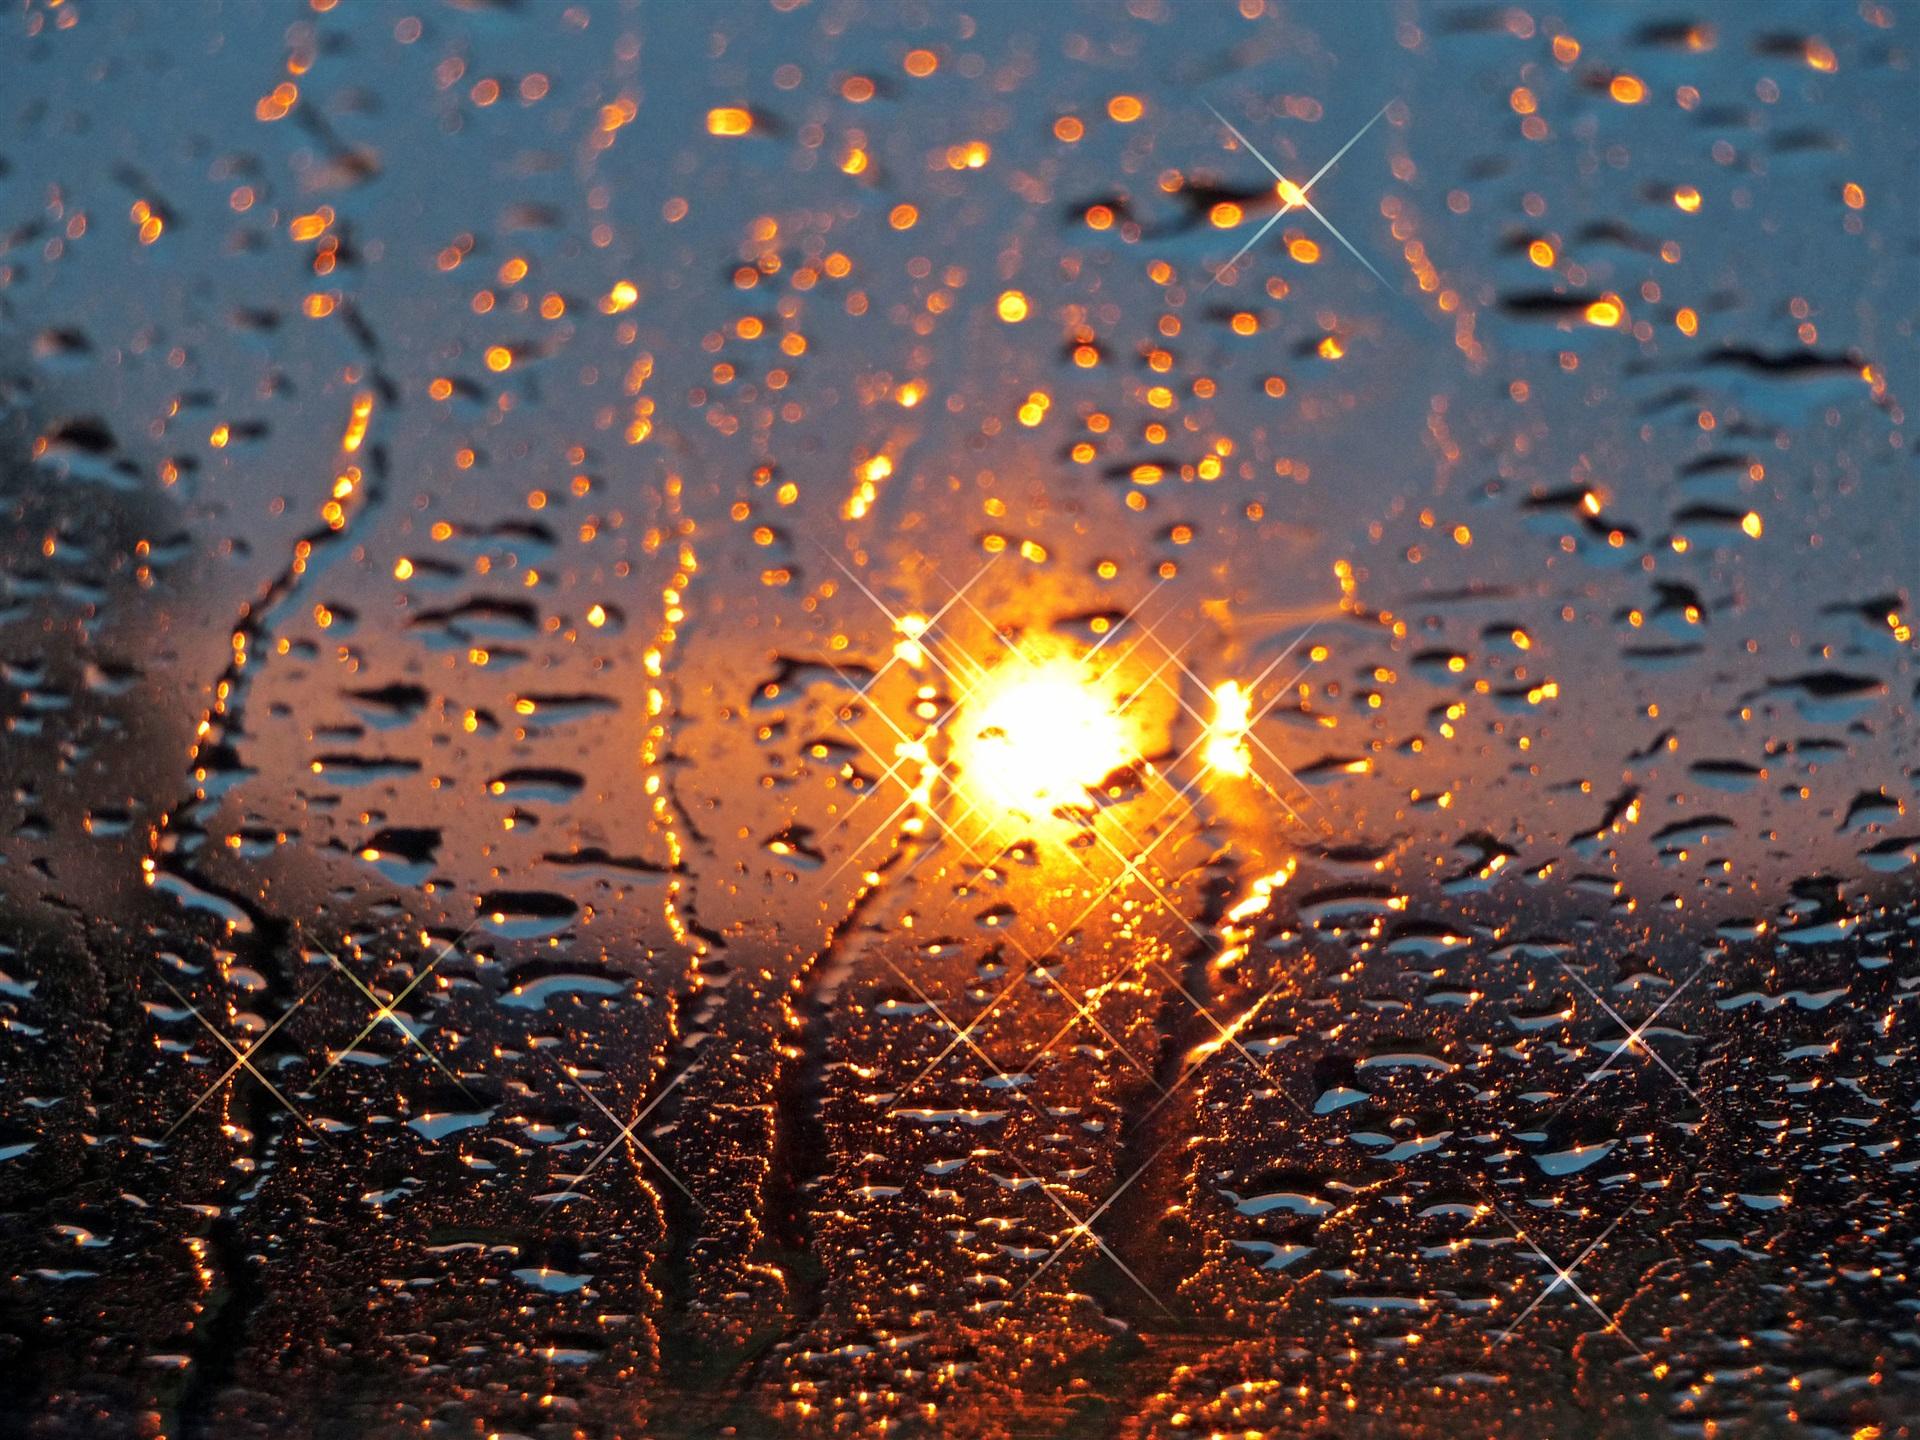 Heavy rain обои на рабочий стол 3